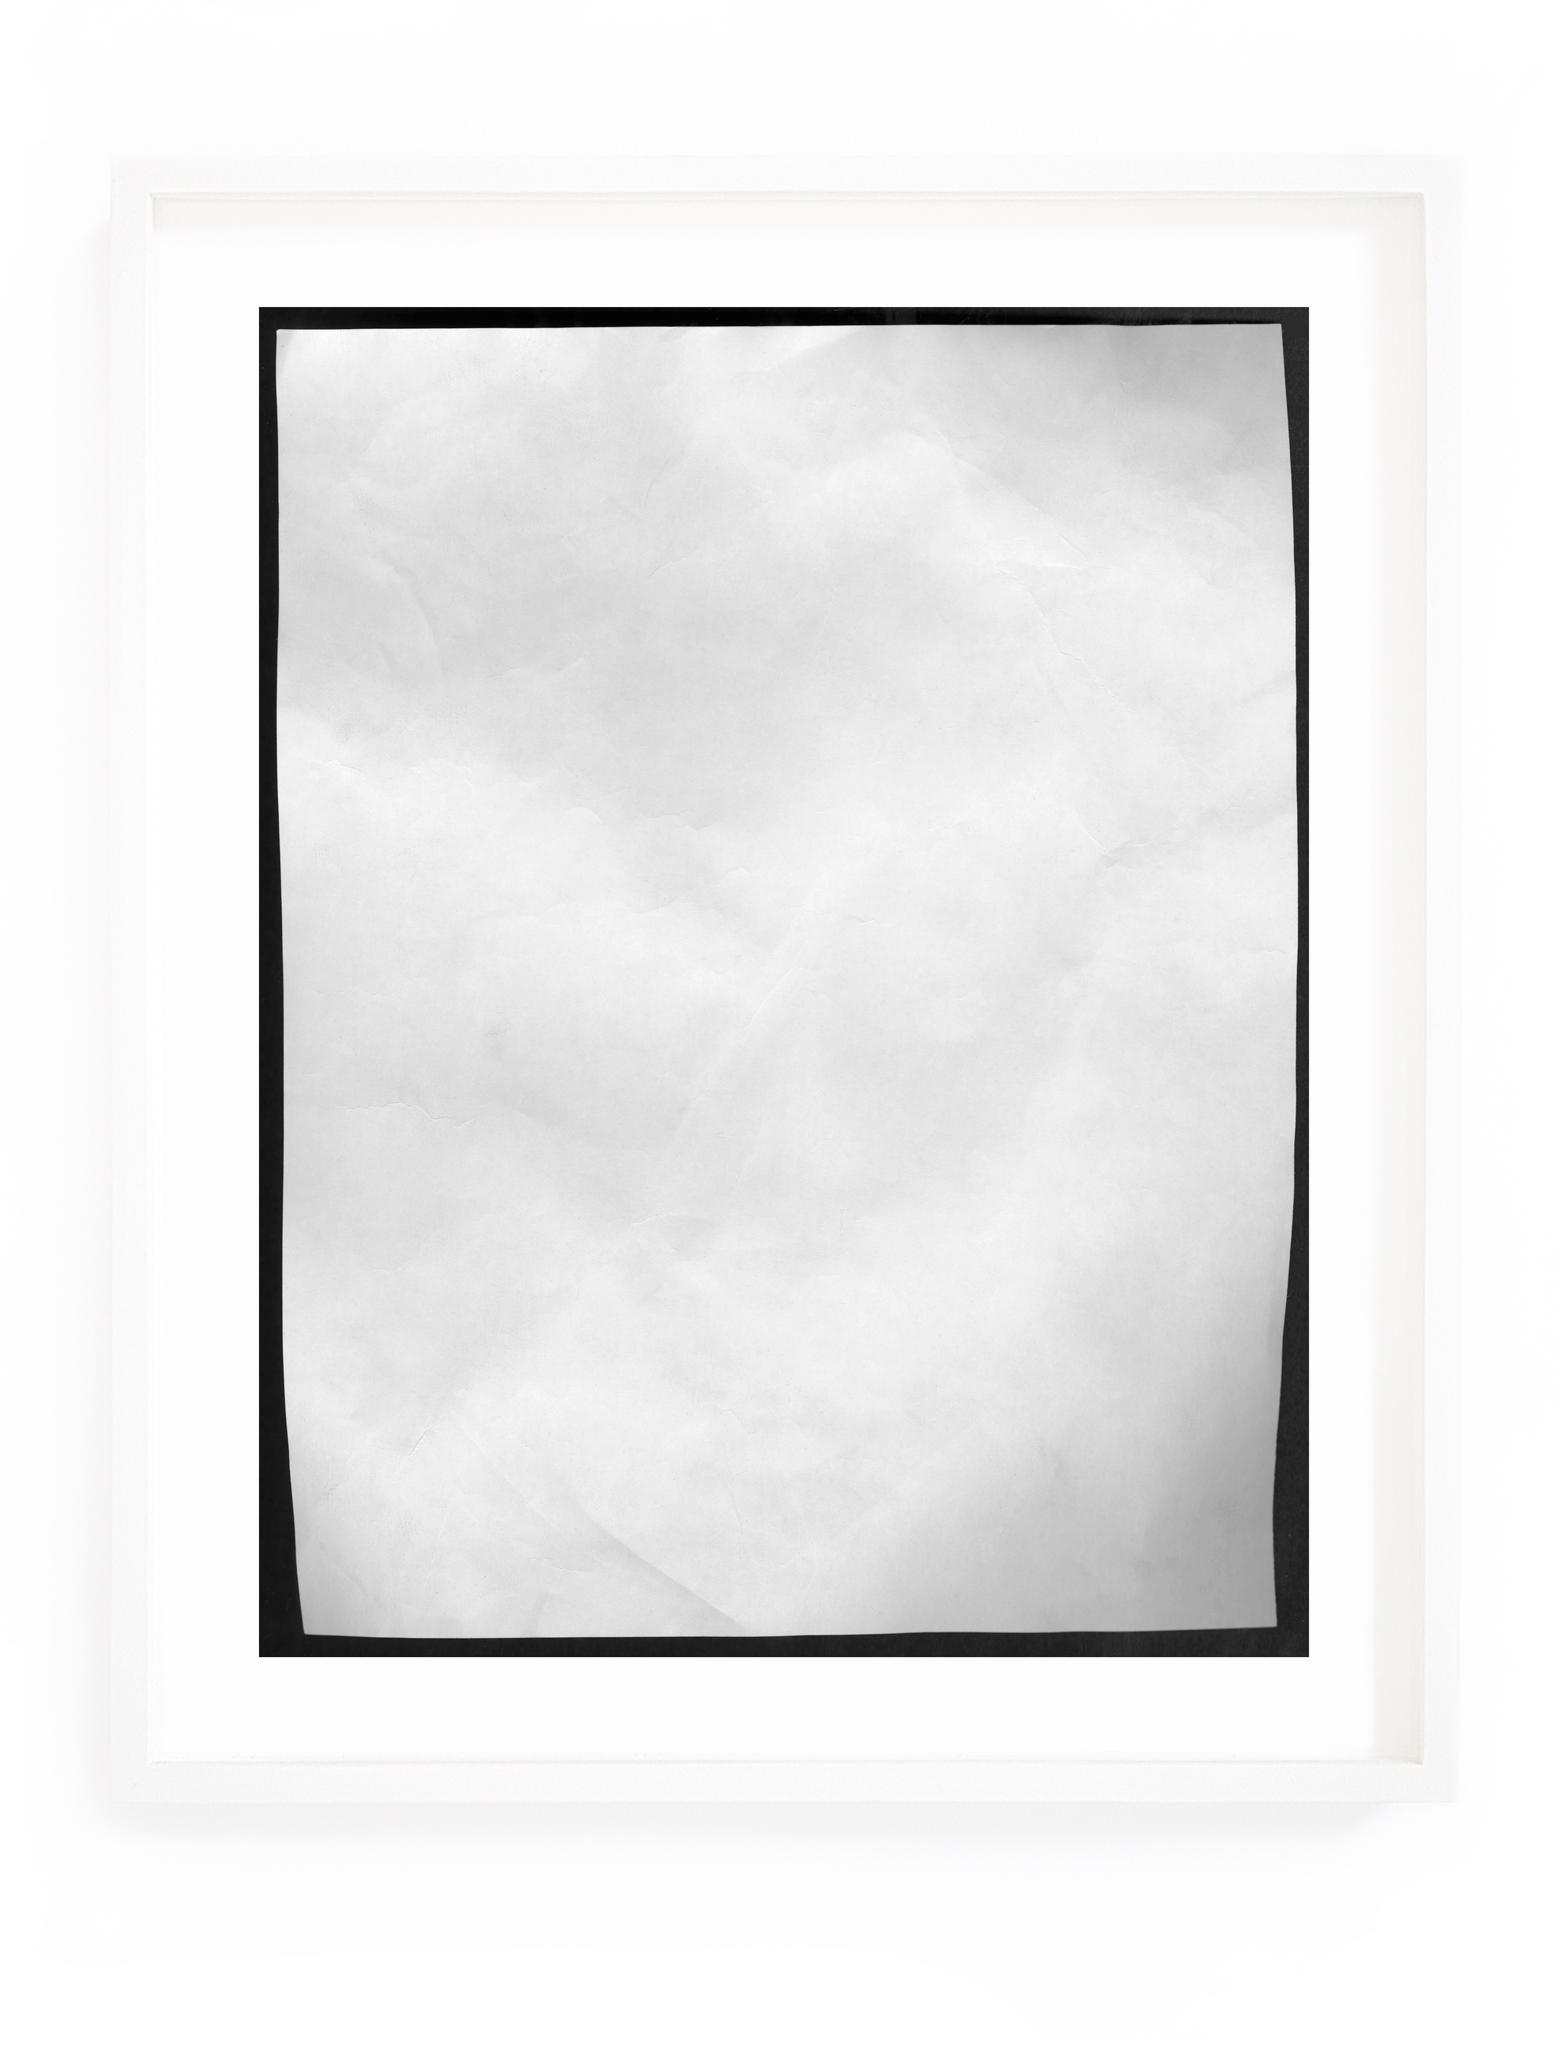 28v2_17x13x300_framed.jpg